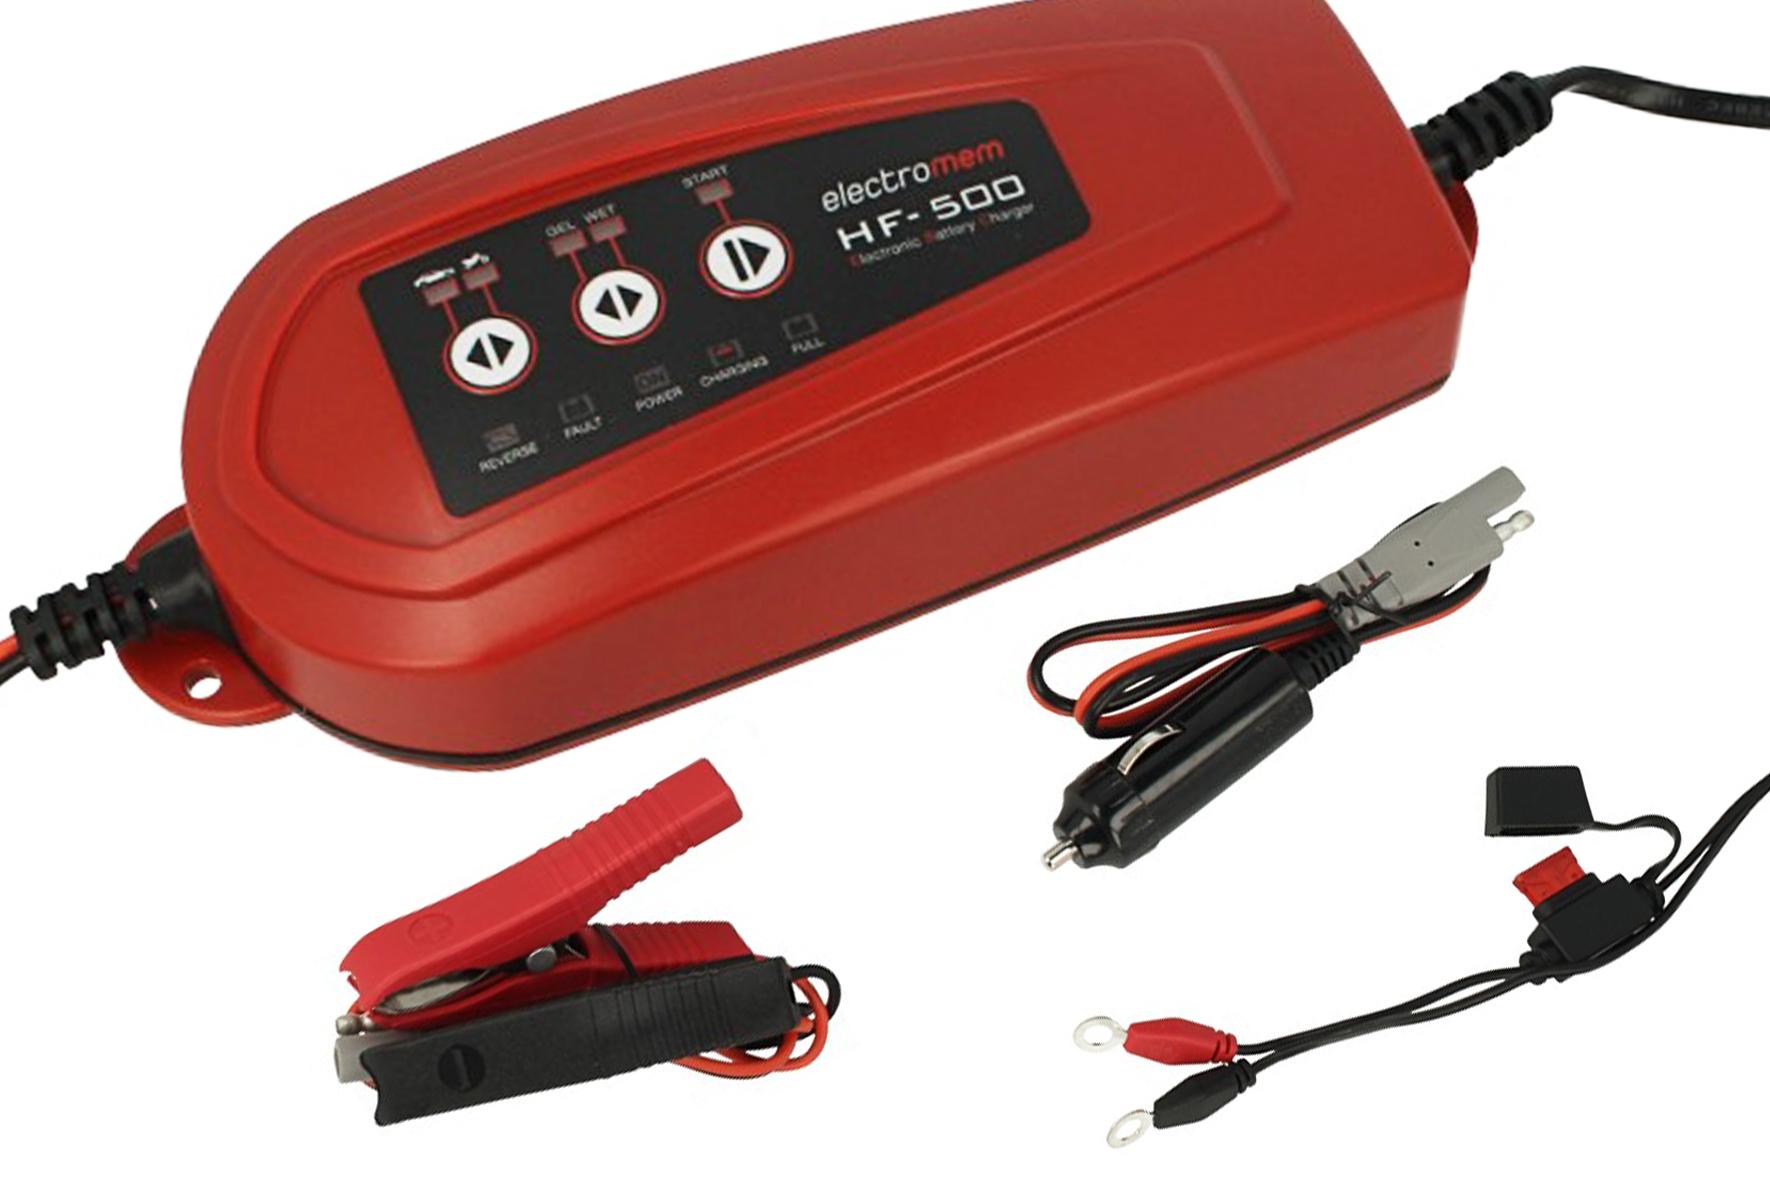 Caricabatterie e Mantenitore Di Carica Per Batterie Auto Moto Trattore Barca 12V 3,5A Electromem HF500 - KIT